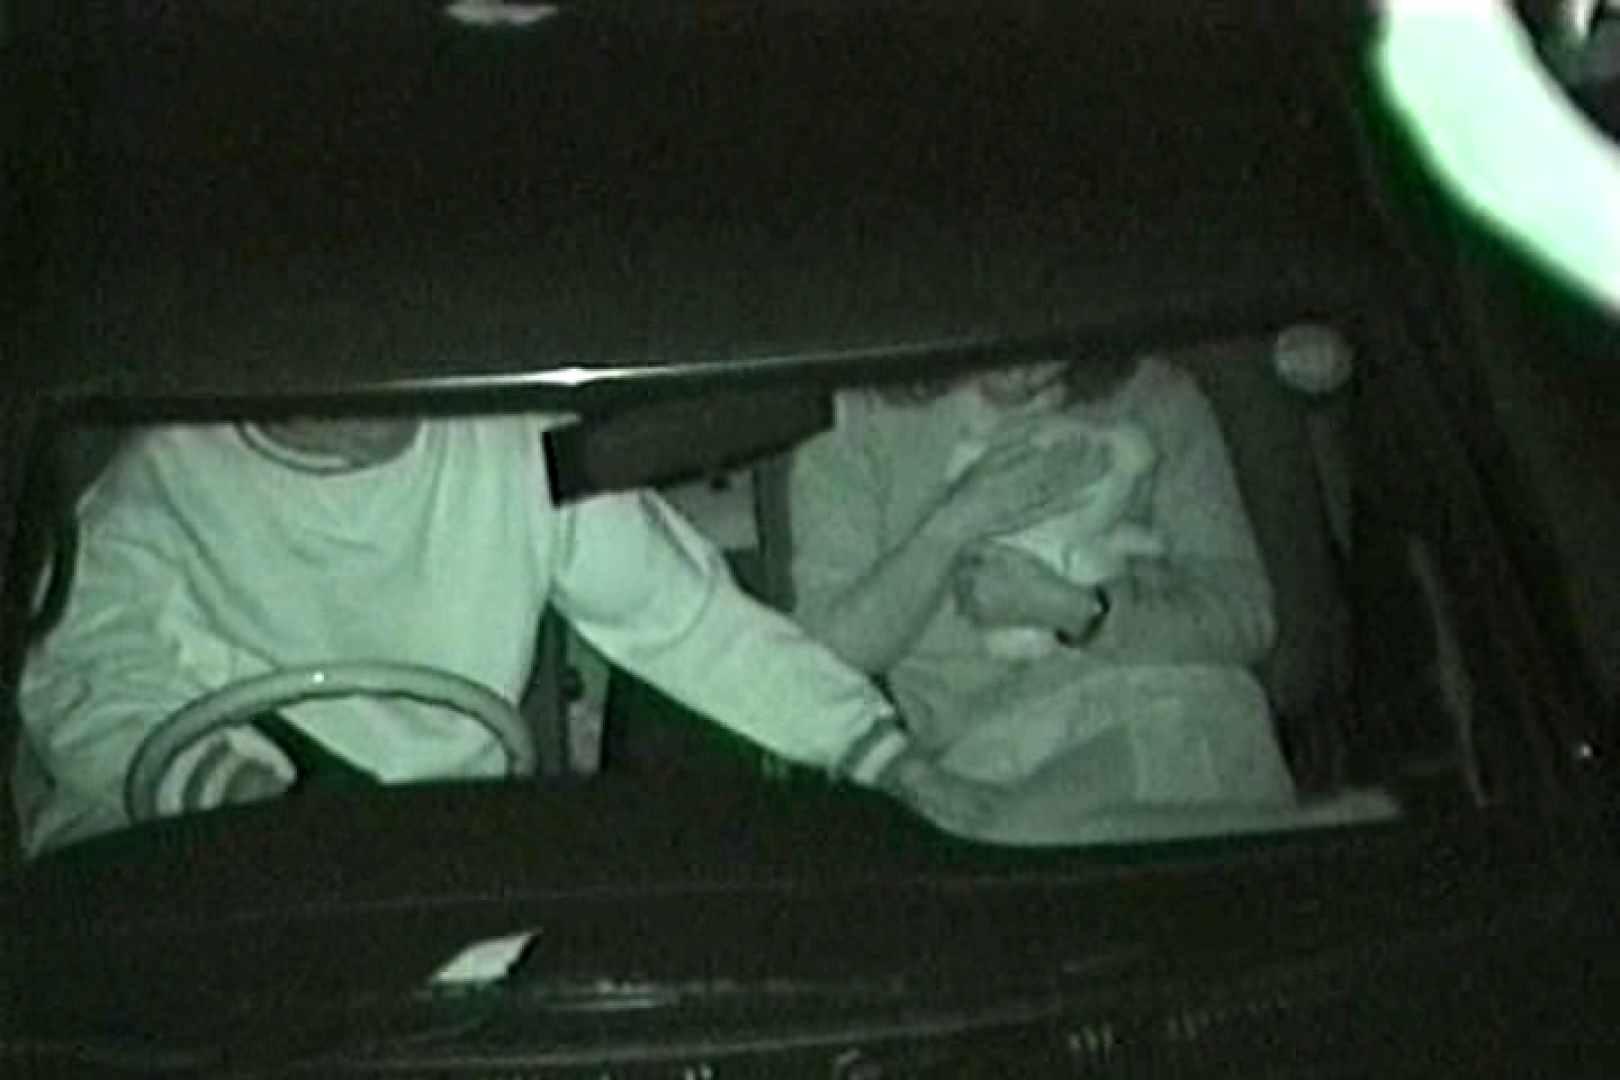 車の中はラブホテル 無修正版  Vol.8 望遠 われめAV動画紹介 68連発 45